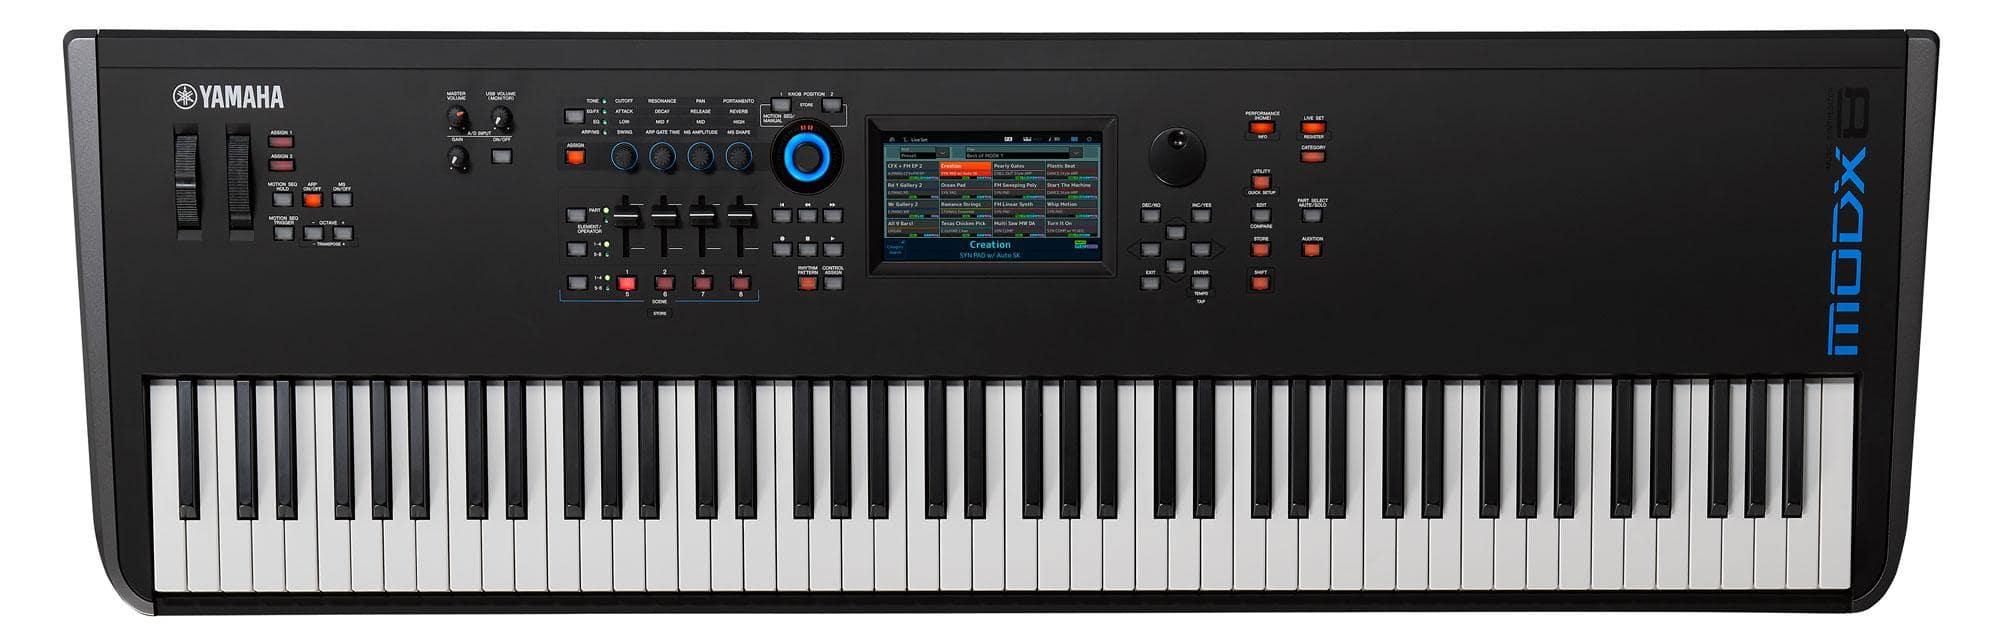 Synthesizer - Yamaha MODX8 Synthesizer - Onlineshop Musikhaus Kirstein